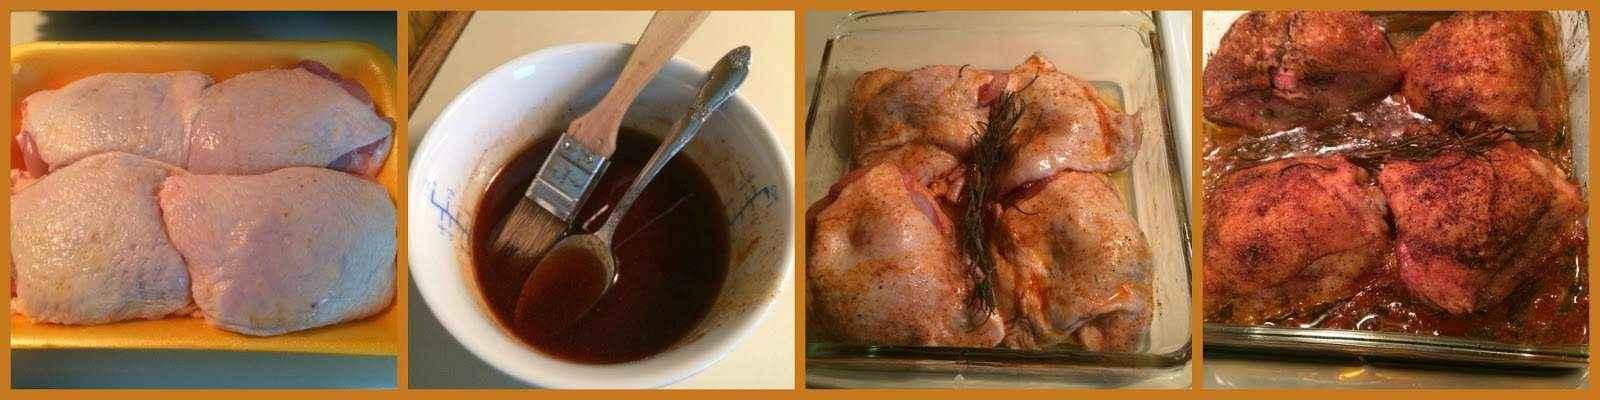 Zubereitung Hähnchen